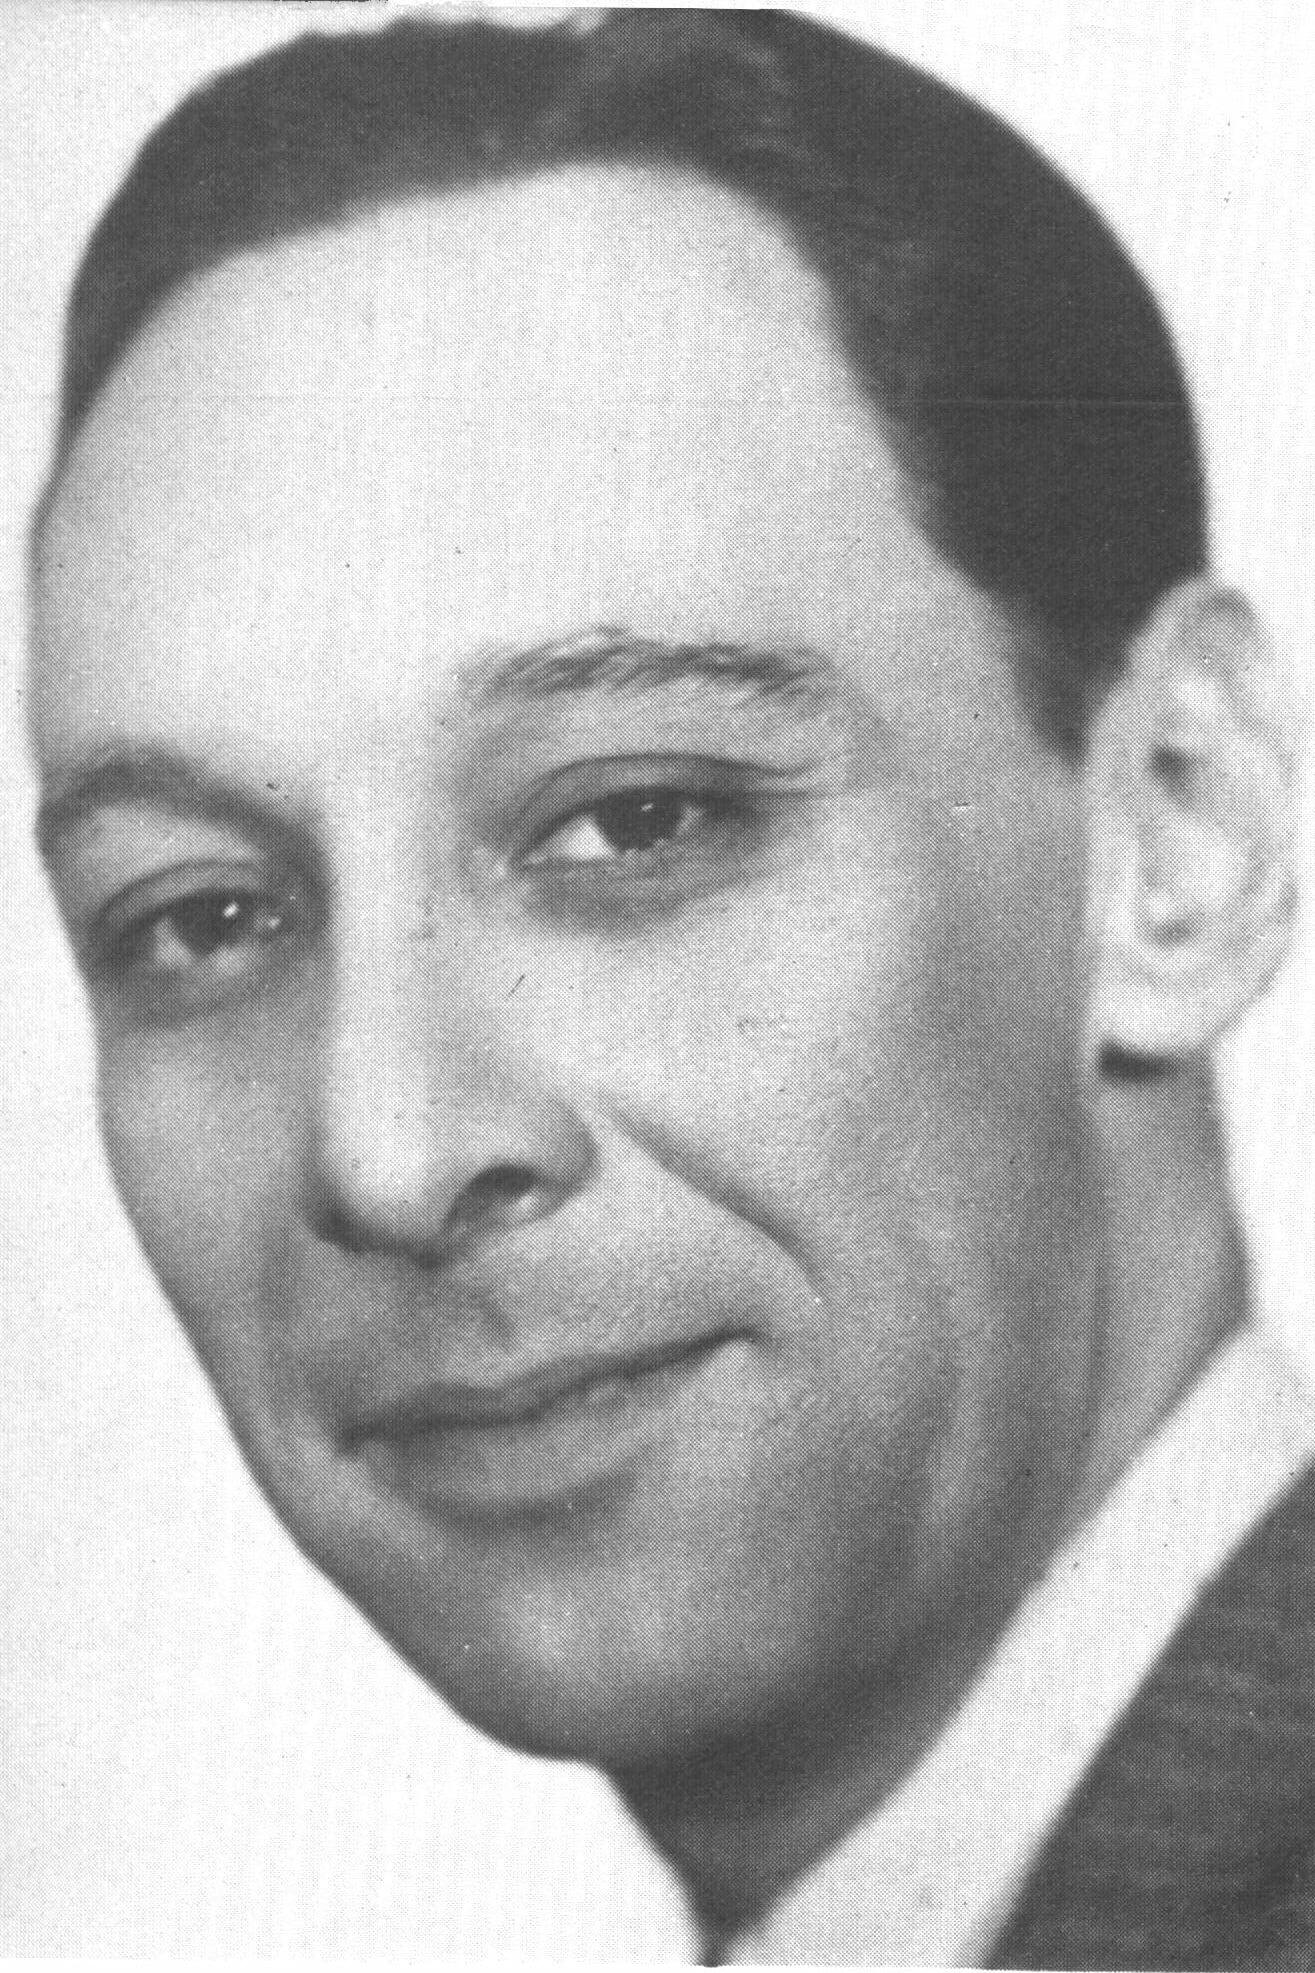 Agustín Isunza